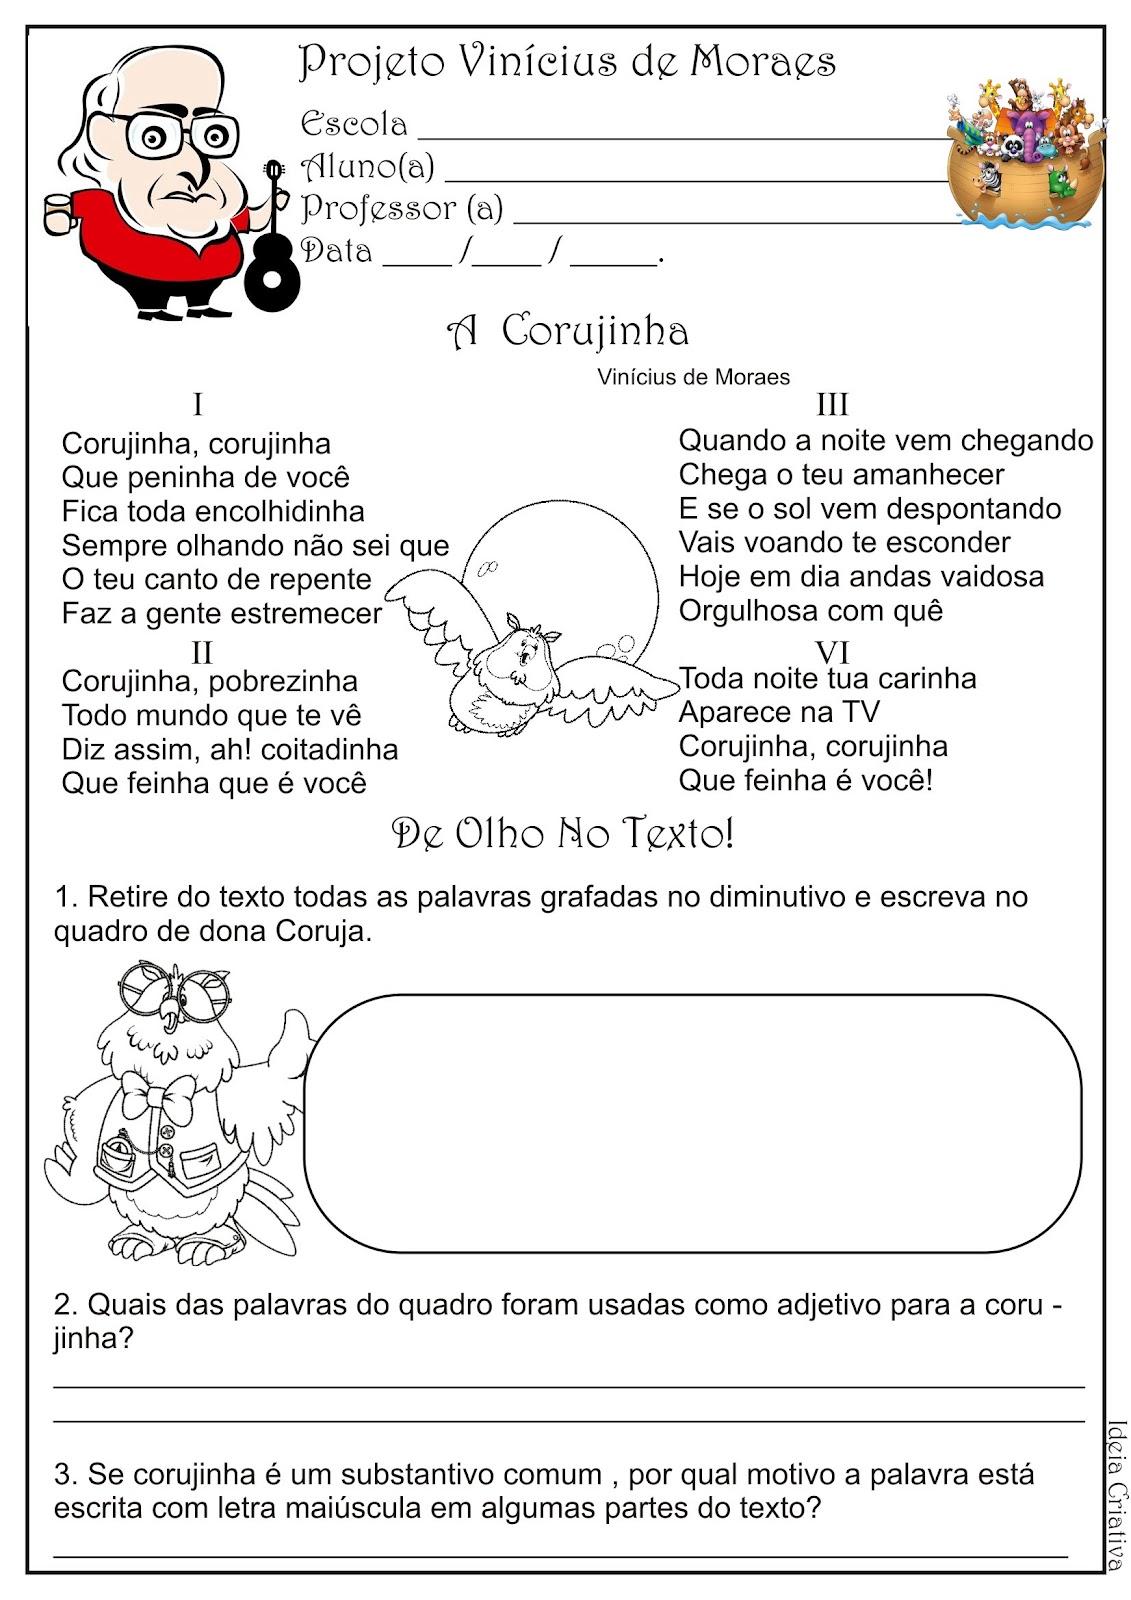 Atividade+Projeto+Vin%C3%ADcius+de+Moraes+Ideia+Criativa+(4) Projeto Vinícus de Moraes